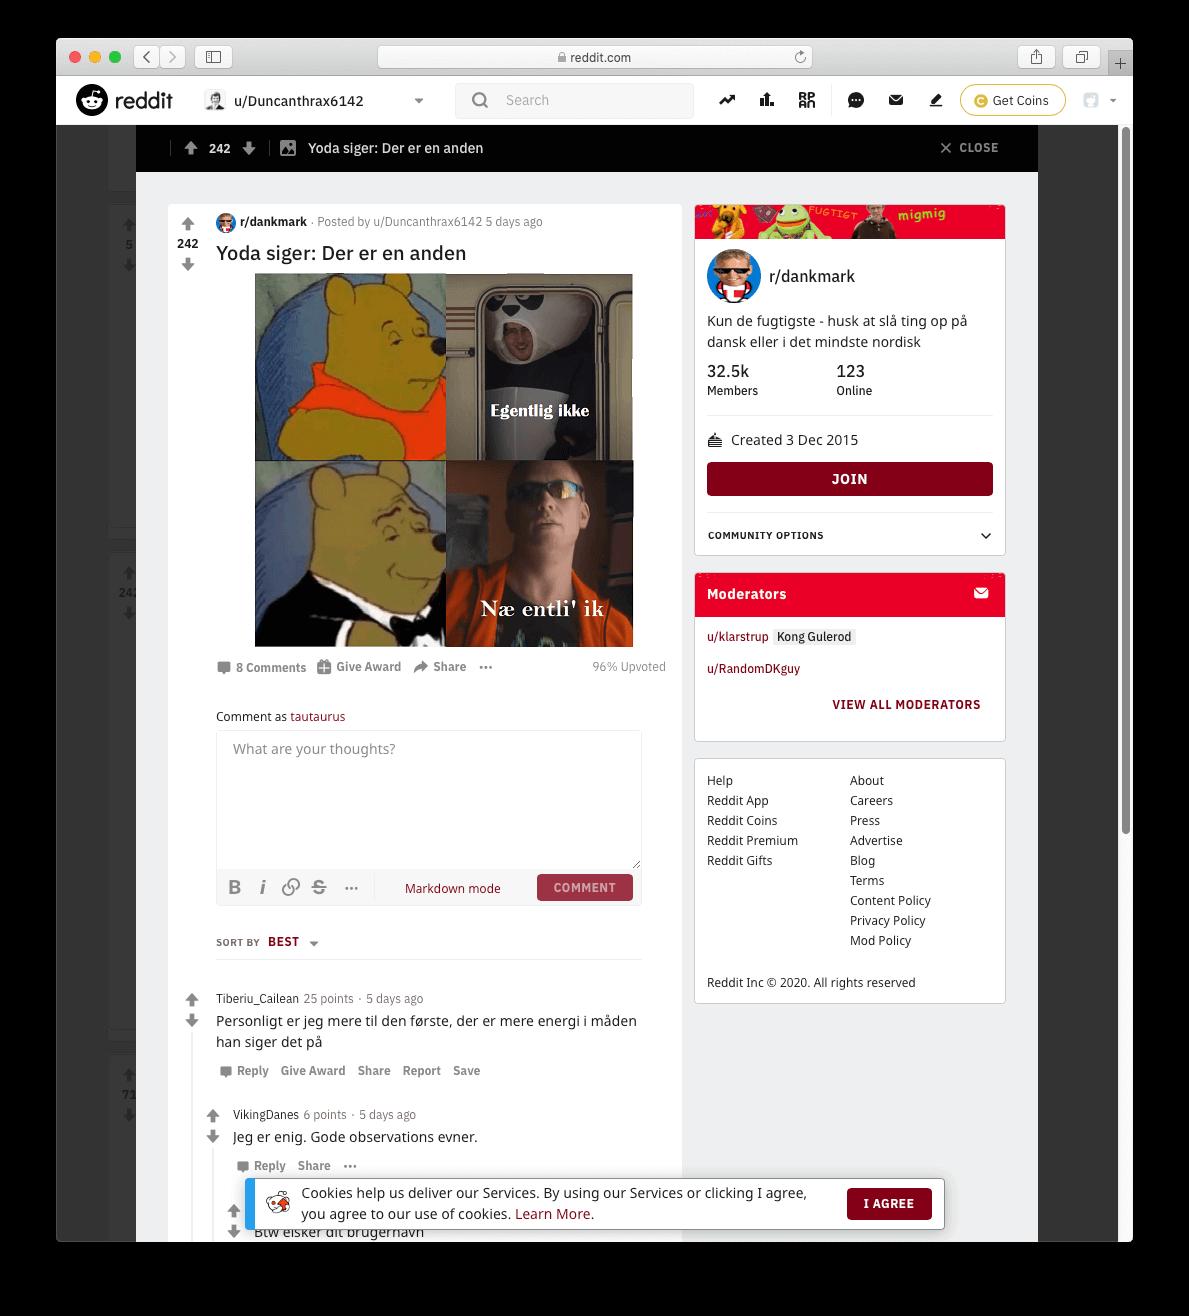 Screenshot-2020-09-11-at-10.02.35